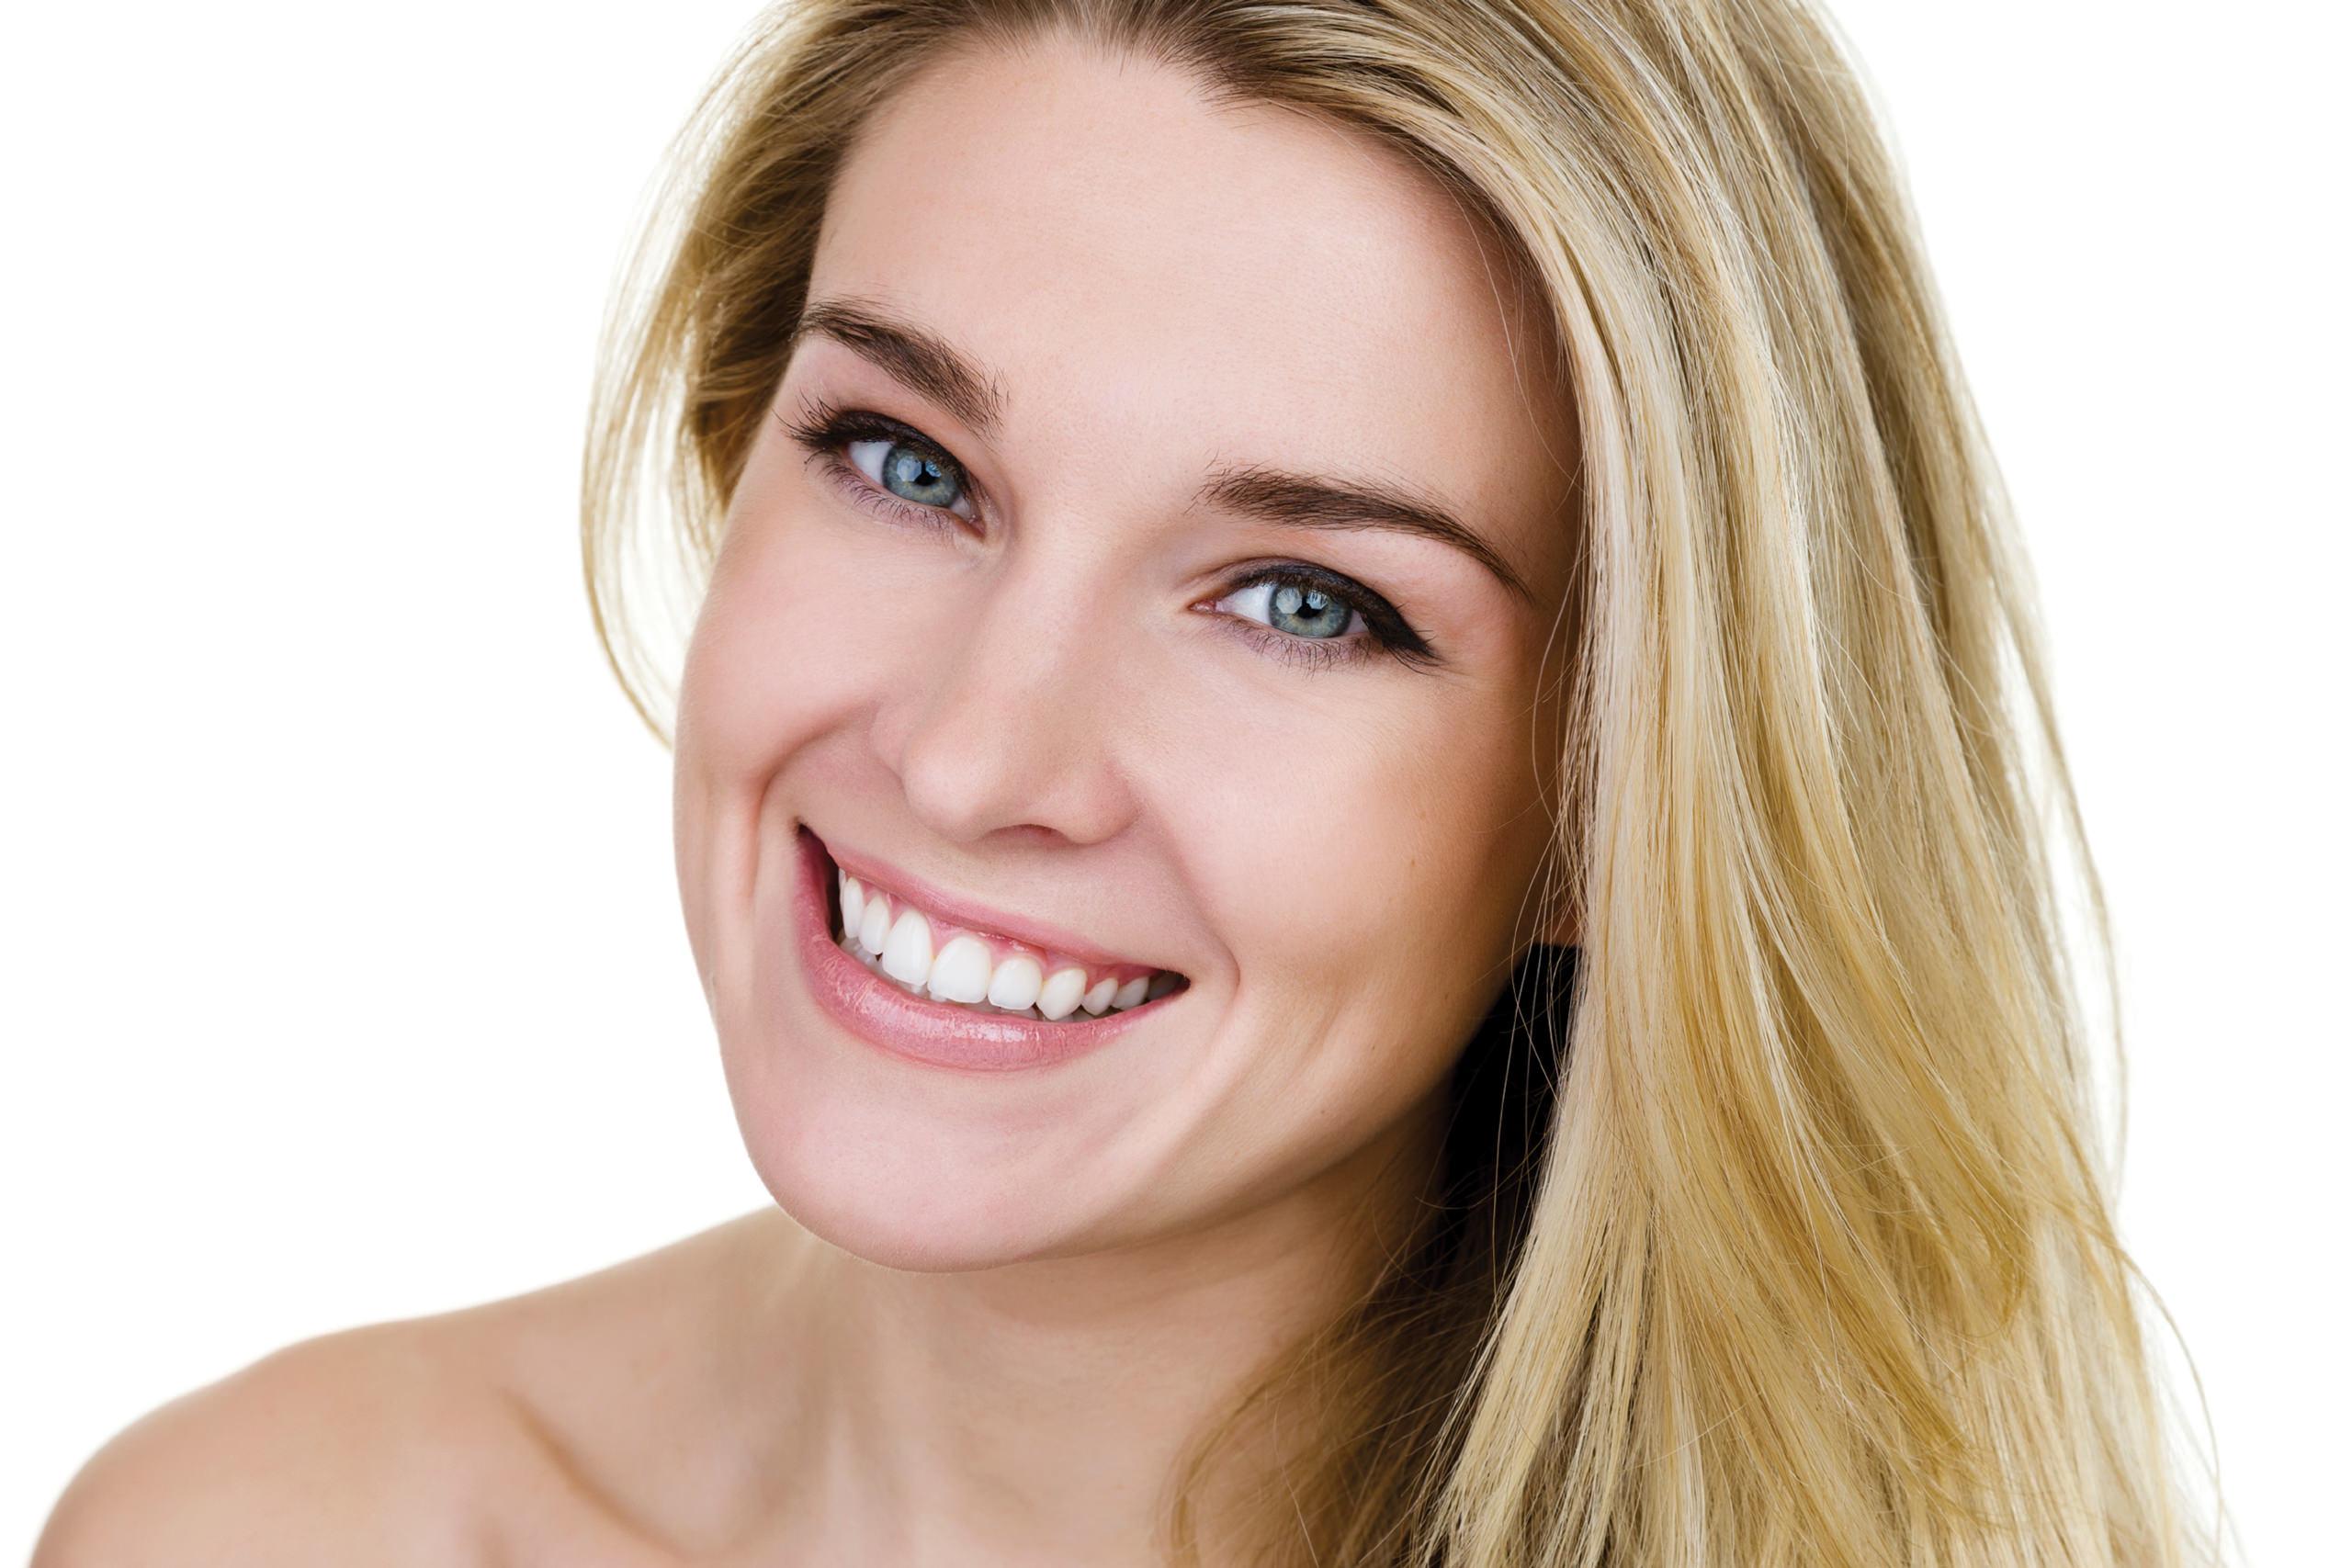 Smile Model Images Usseek Com